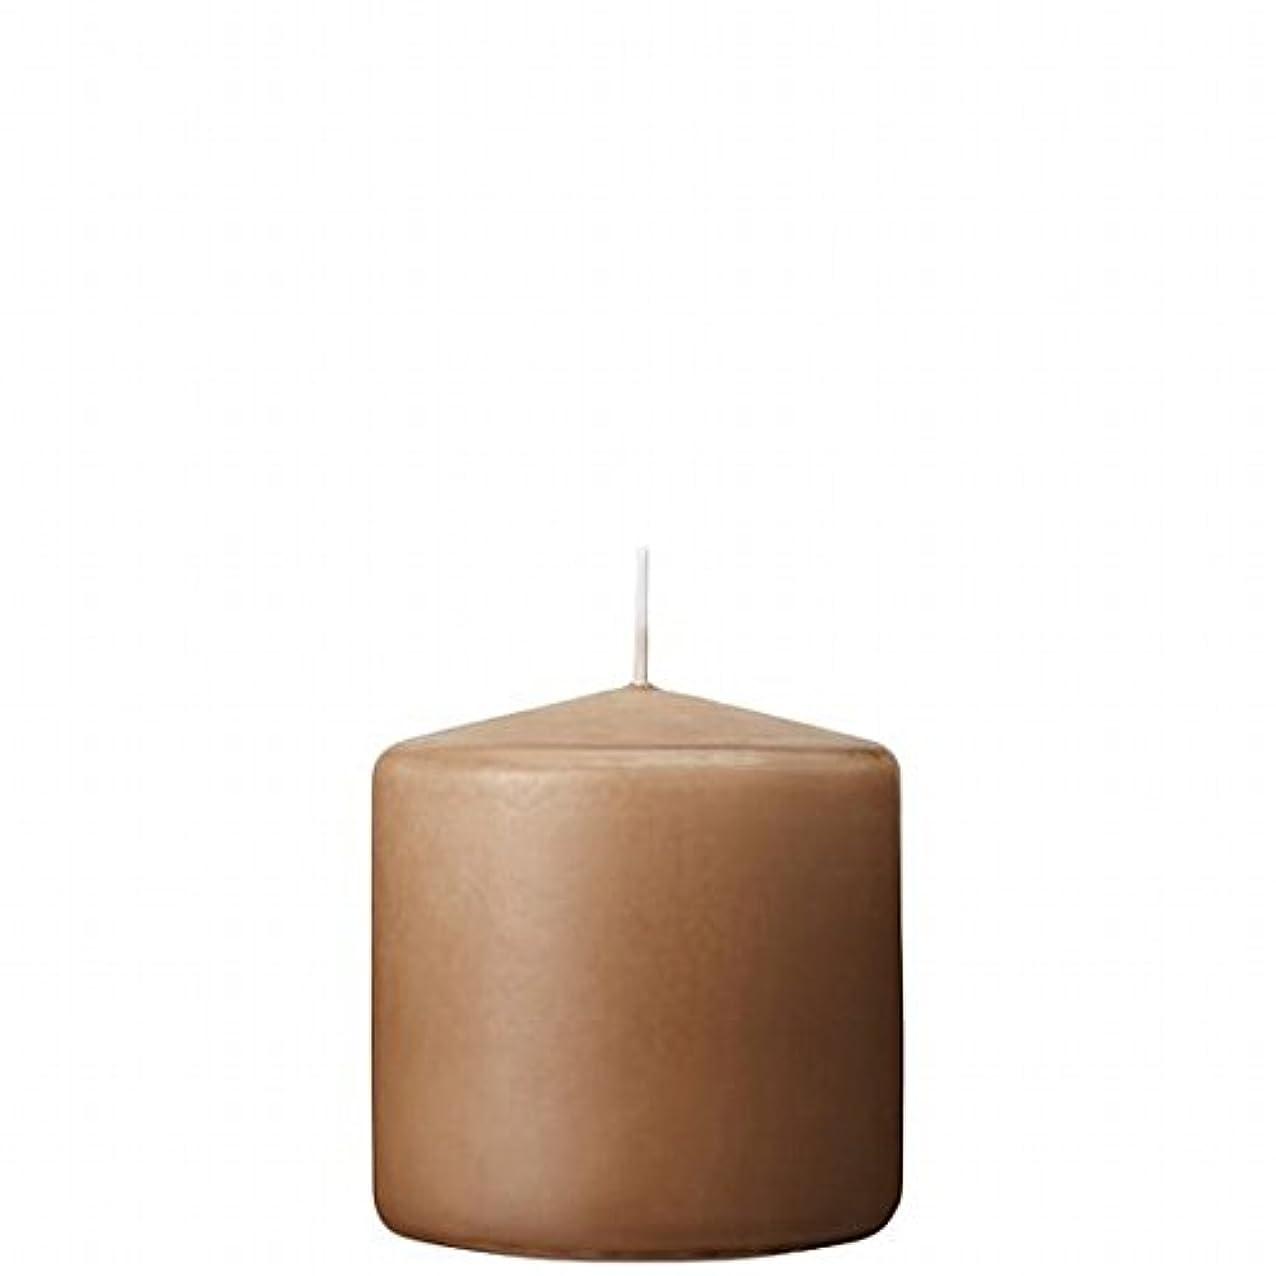 残忍な写真報告書カメヤマキャンドル( kameyama candle ) 3×3ベルトップピラーキャンドル 「 モカ 」